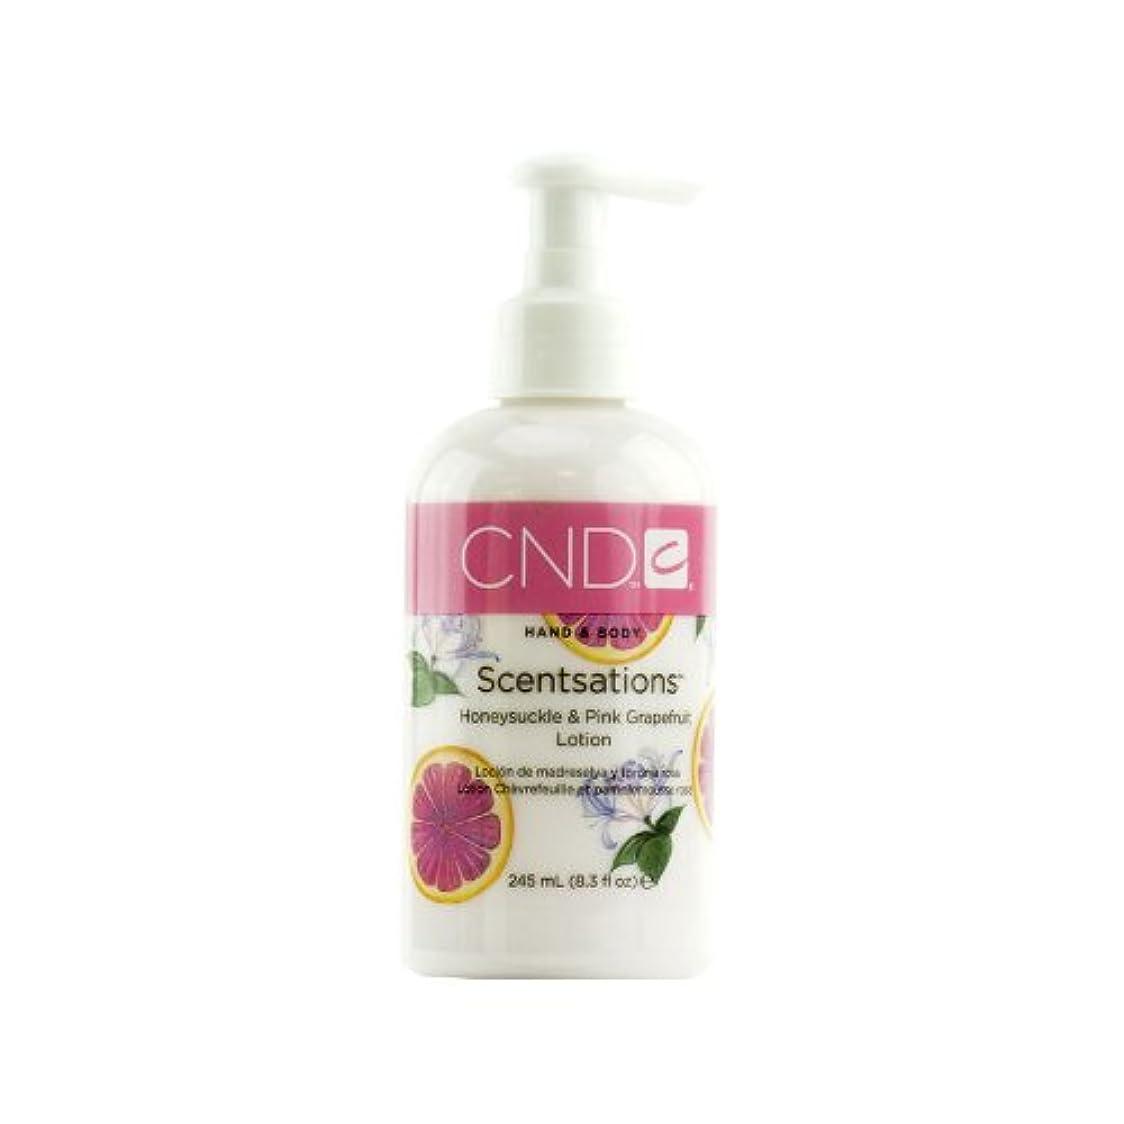 シールドシールド名目上のCND センセーション ハンド&ボディローション ハニーサックル&ピンクグレープフルーツ 245ml みずみずしいフェミニンな香り